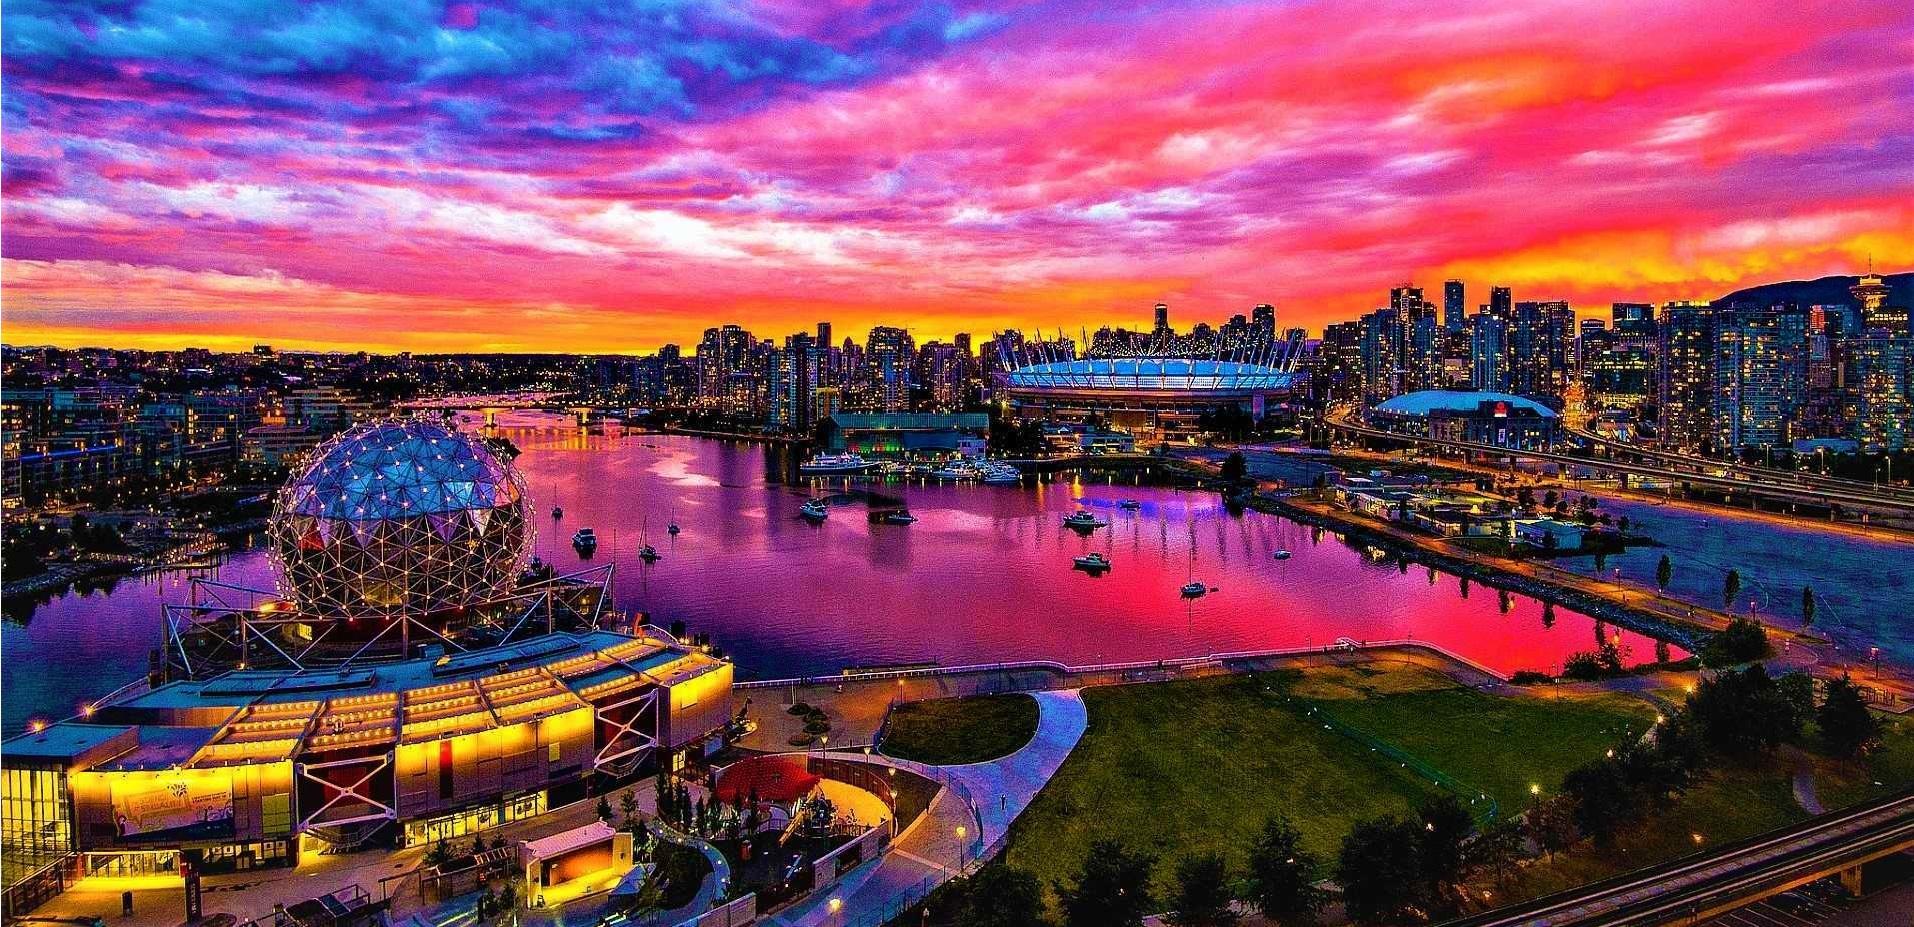 غروب زیبای ونکوور کانادا با منظره دلفریب از شهر